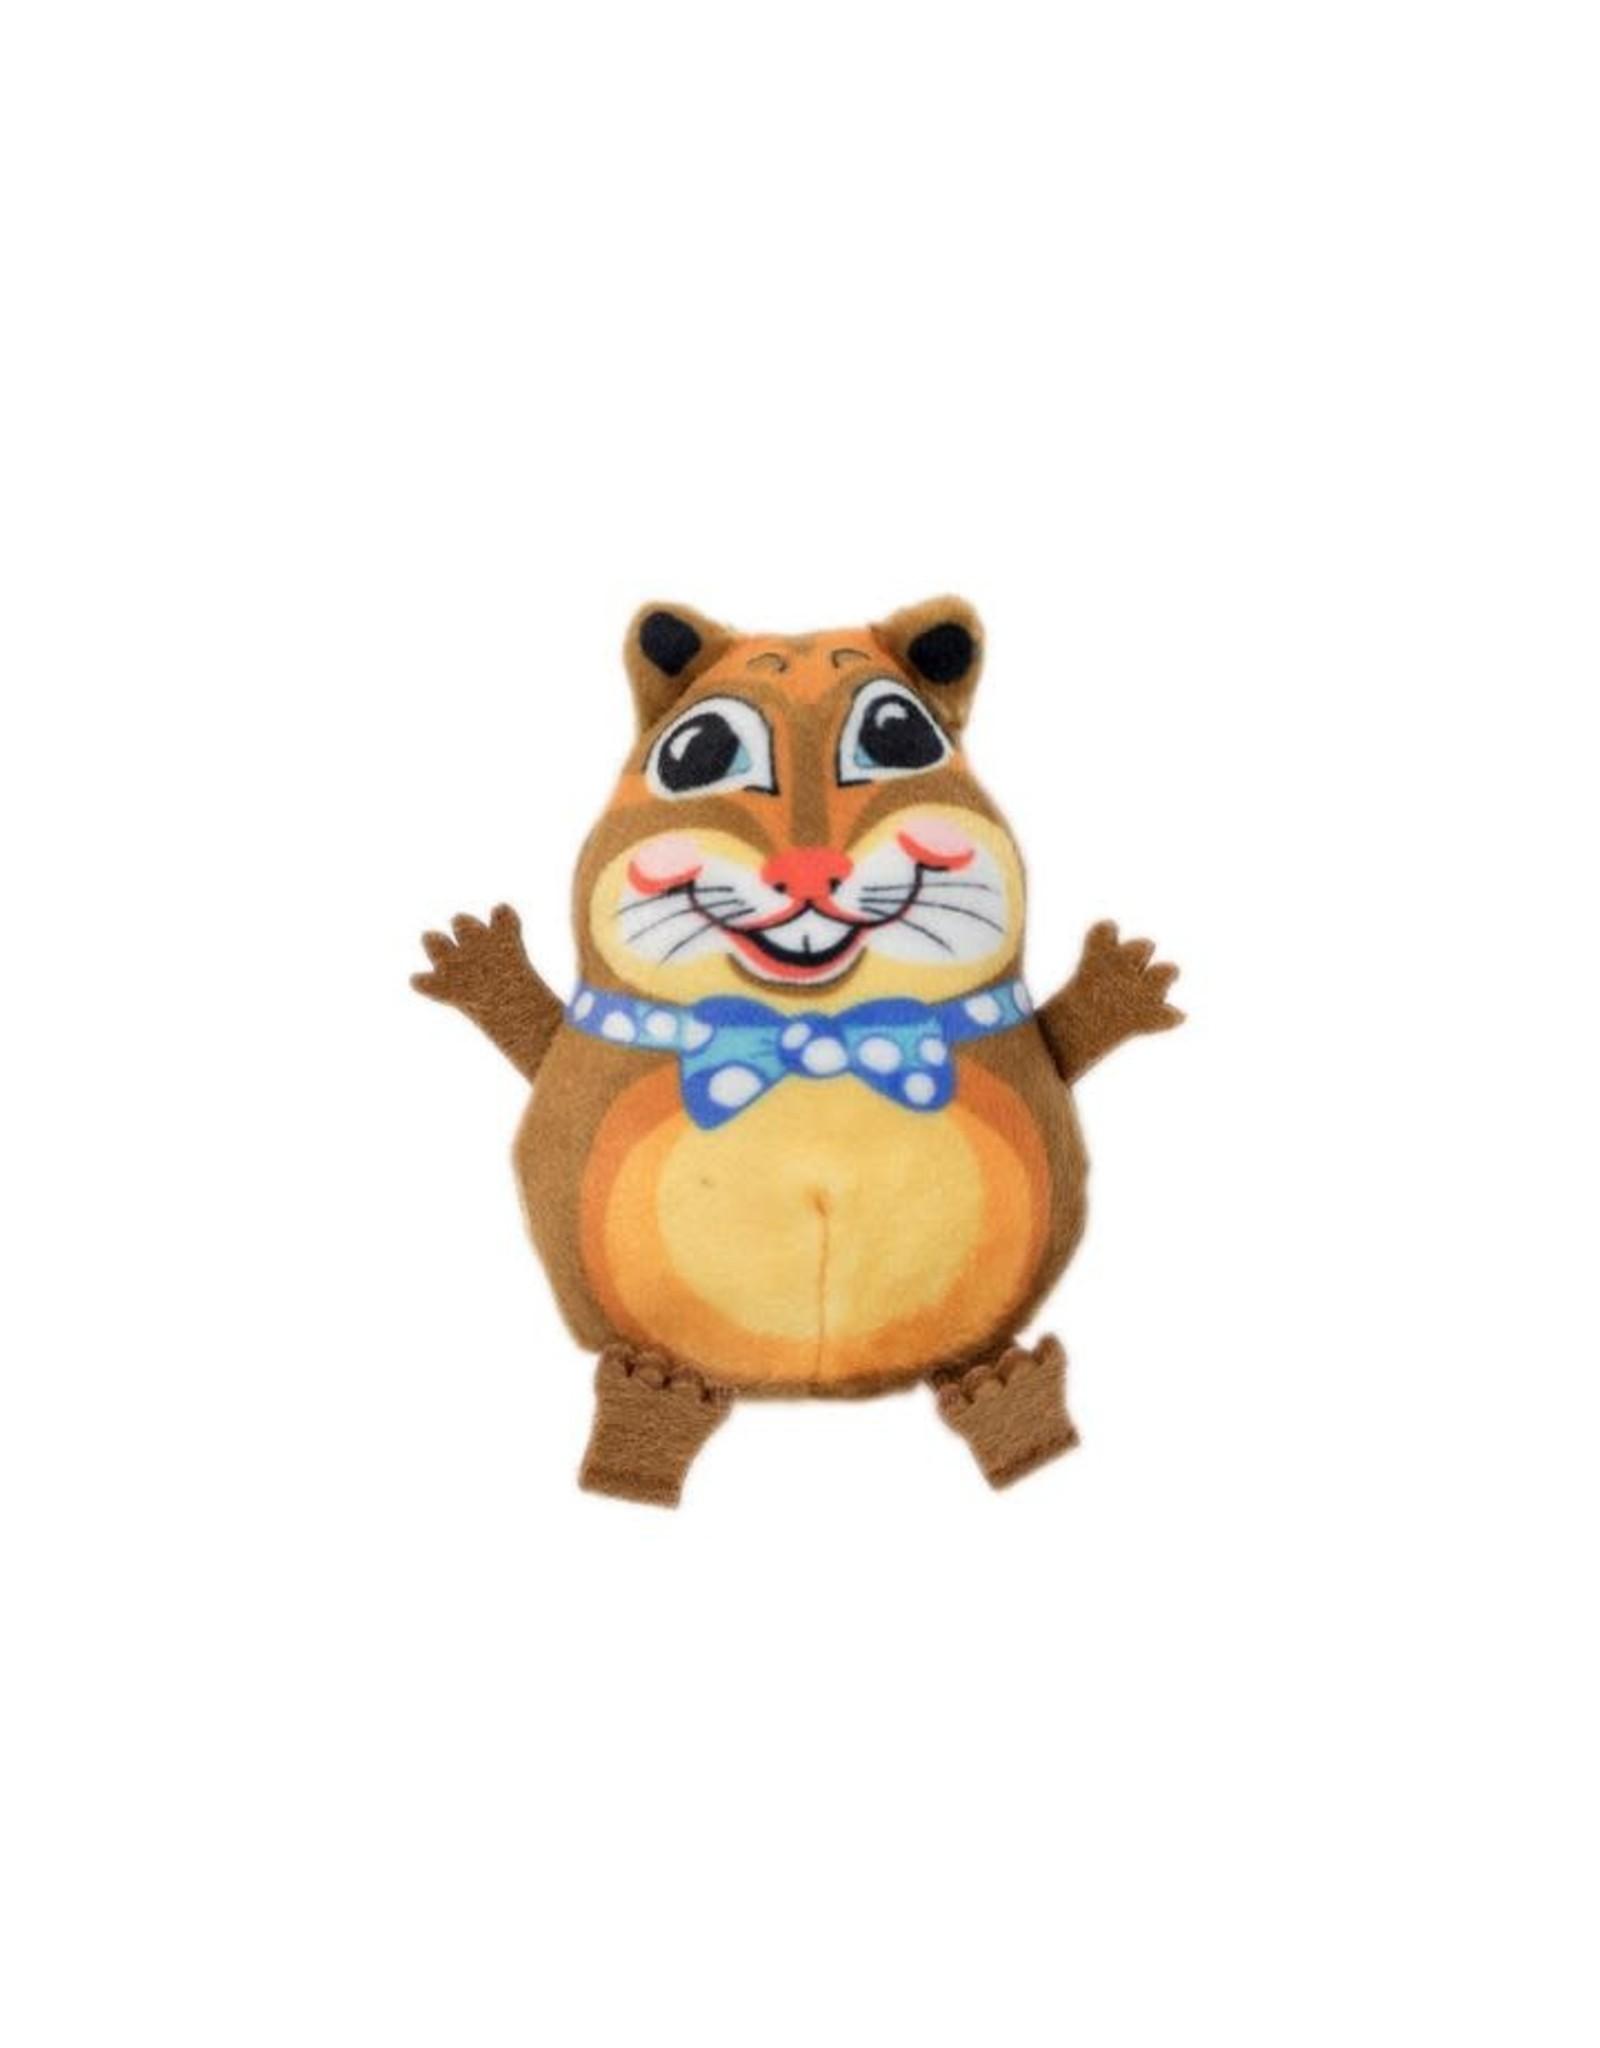 FUZZU FUZZU - Cat Toy - Tea Cup Fluffs Chipmunk